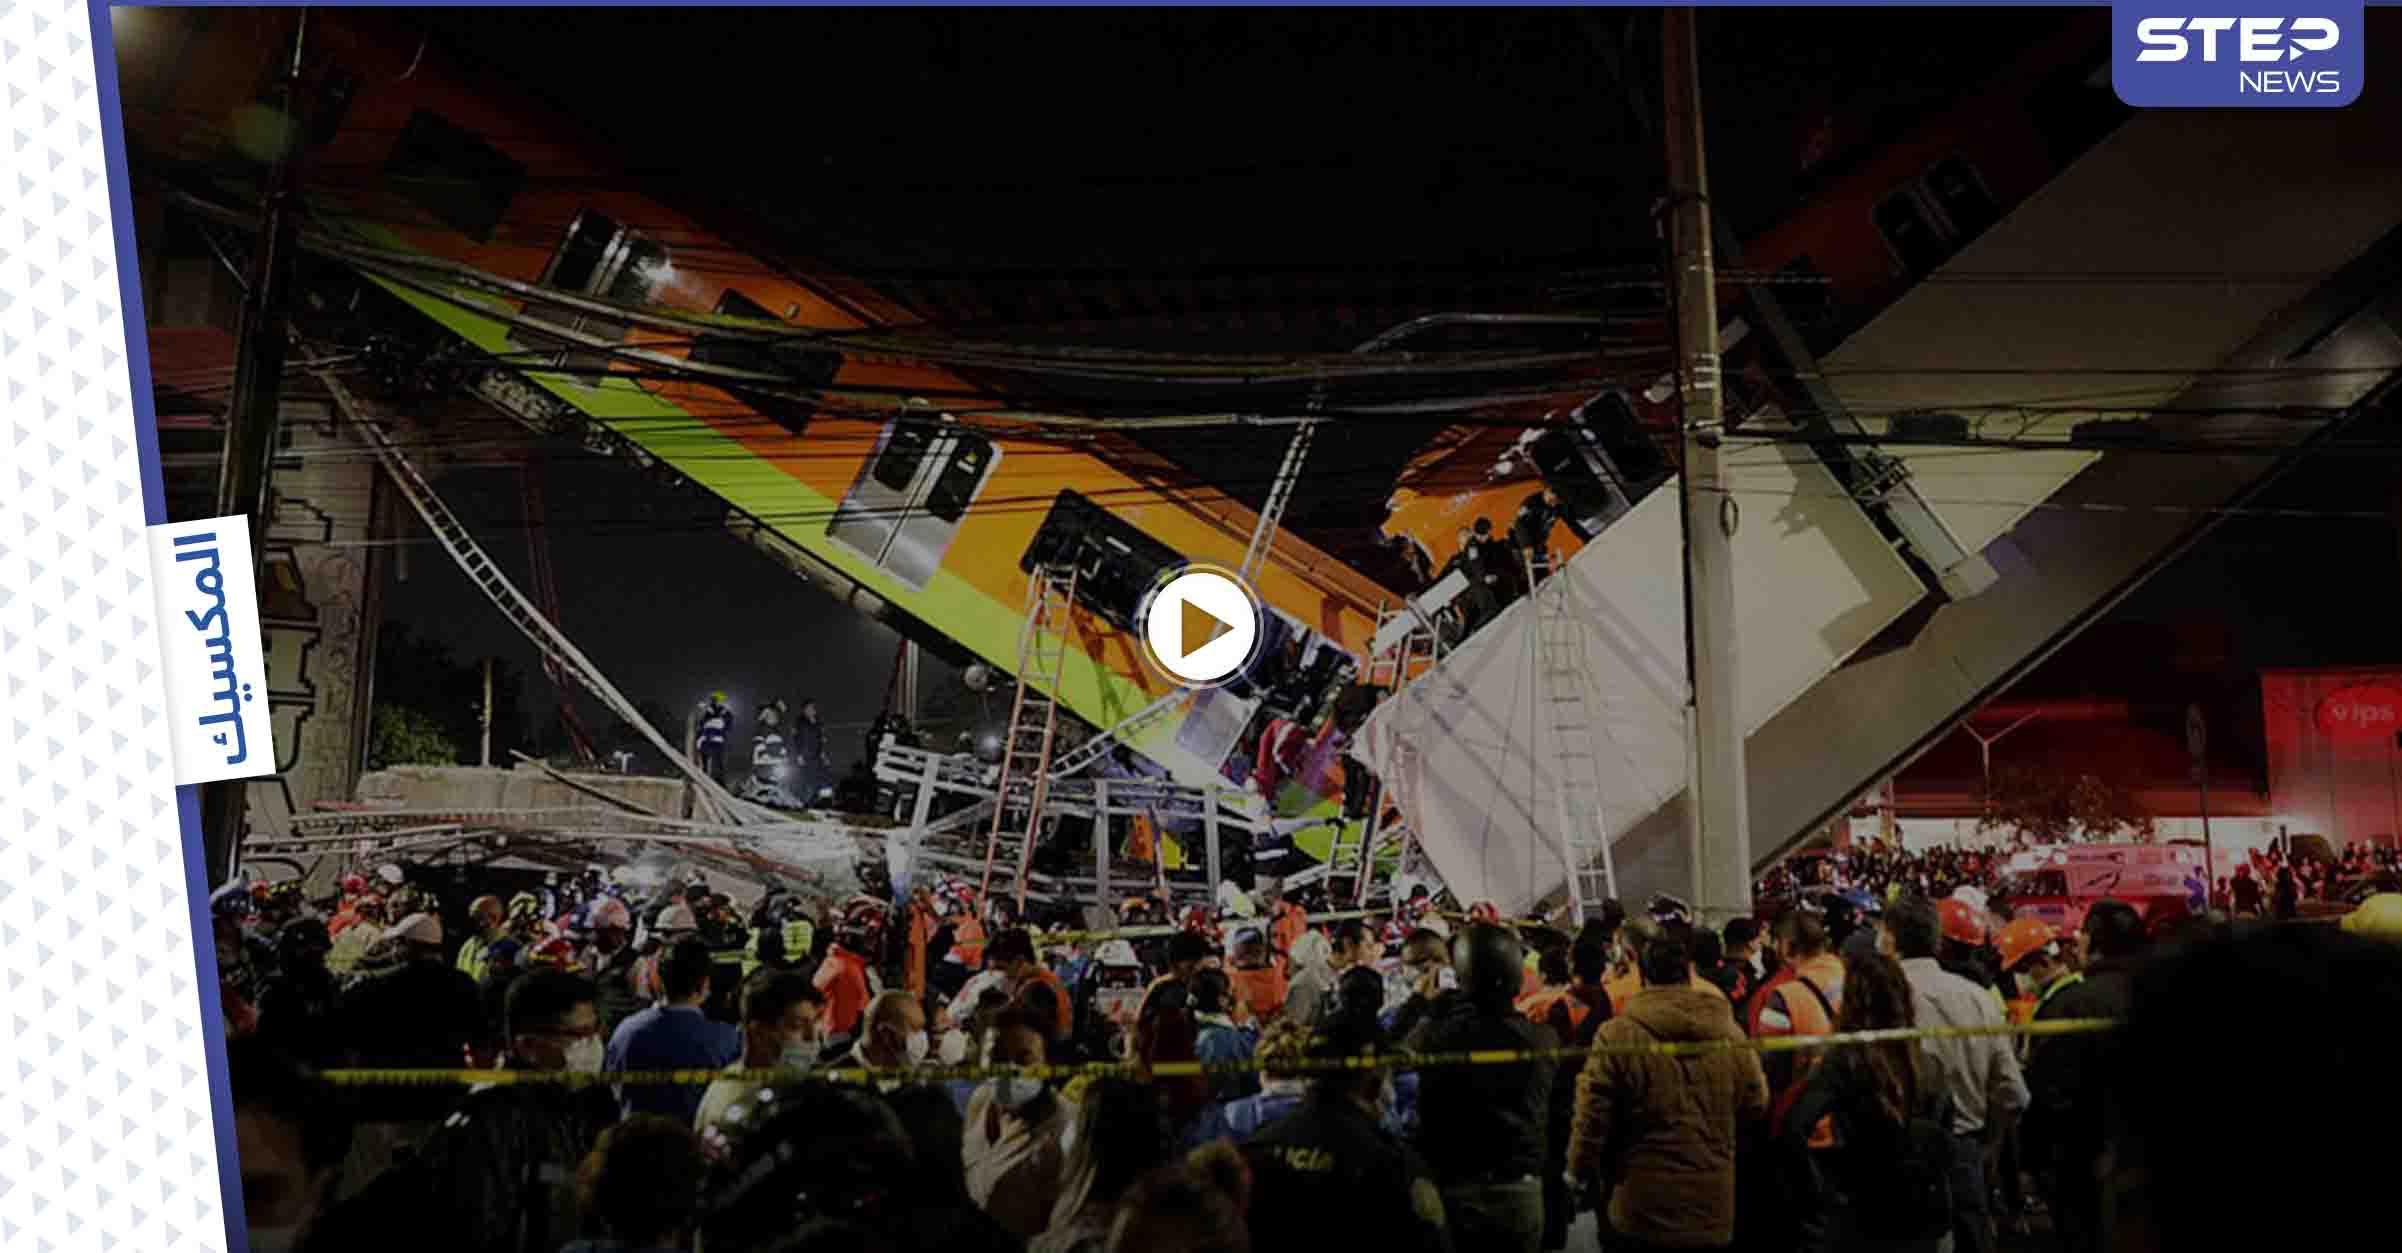 بالفيديو|| 19 قتيلاً و70 مصاباً نتيجة انهيار جسر في المكسيك لحظة مرور قطار عليه